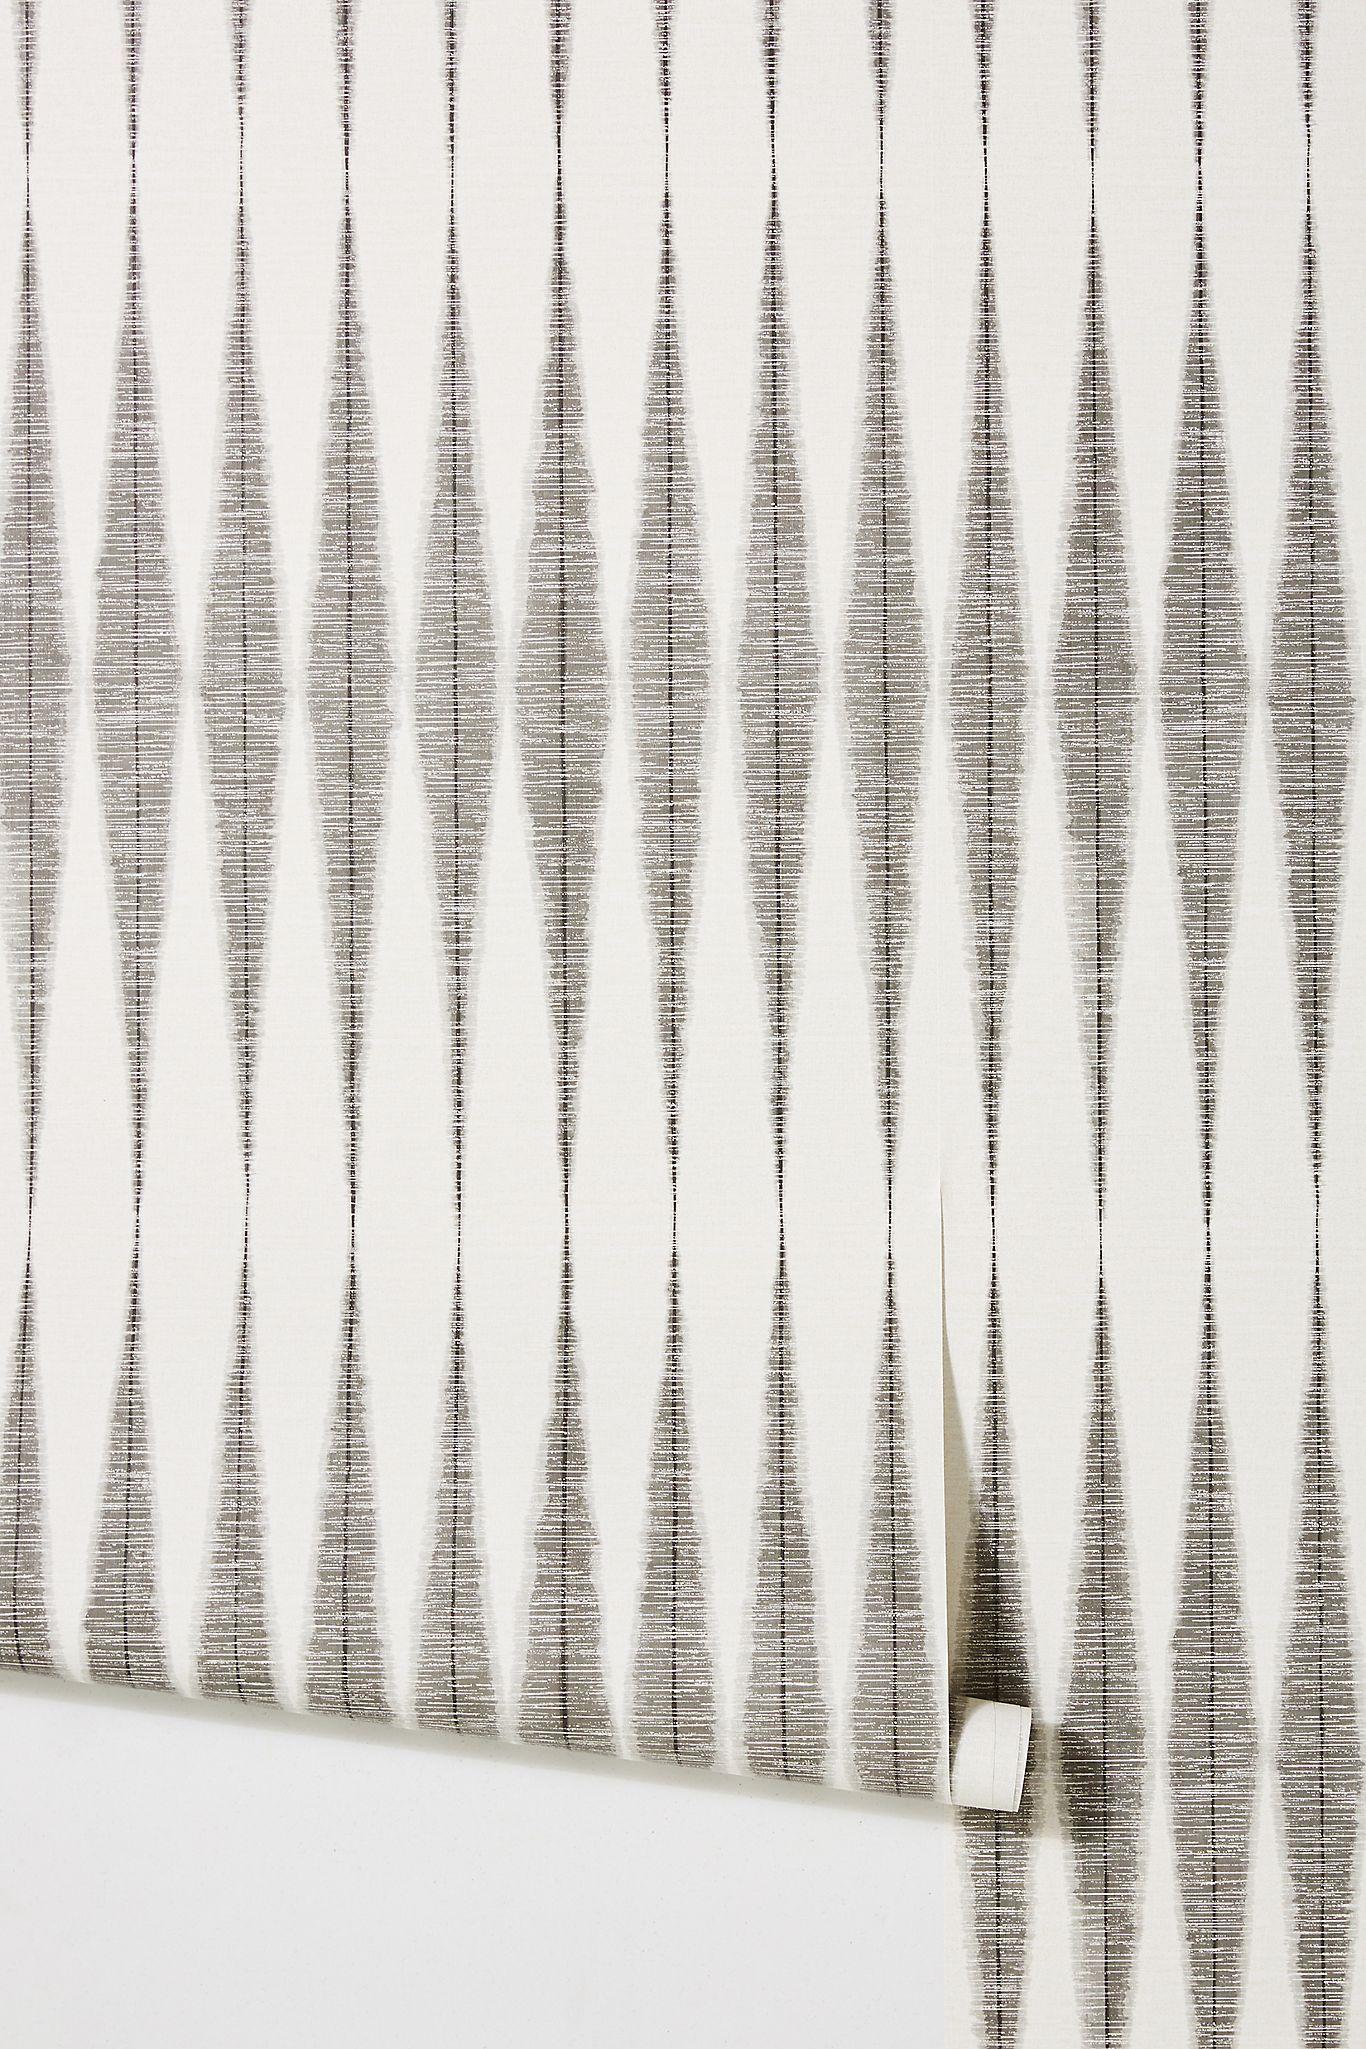 Juju Papers Le Freak Hand Printed Wallpaper In 2021 Magnolia Homes Wallpaper Manufacturers Wallpaper